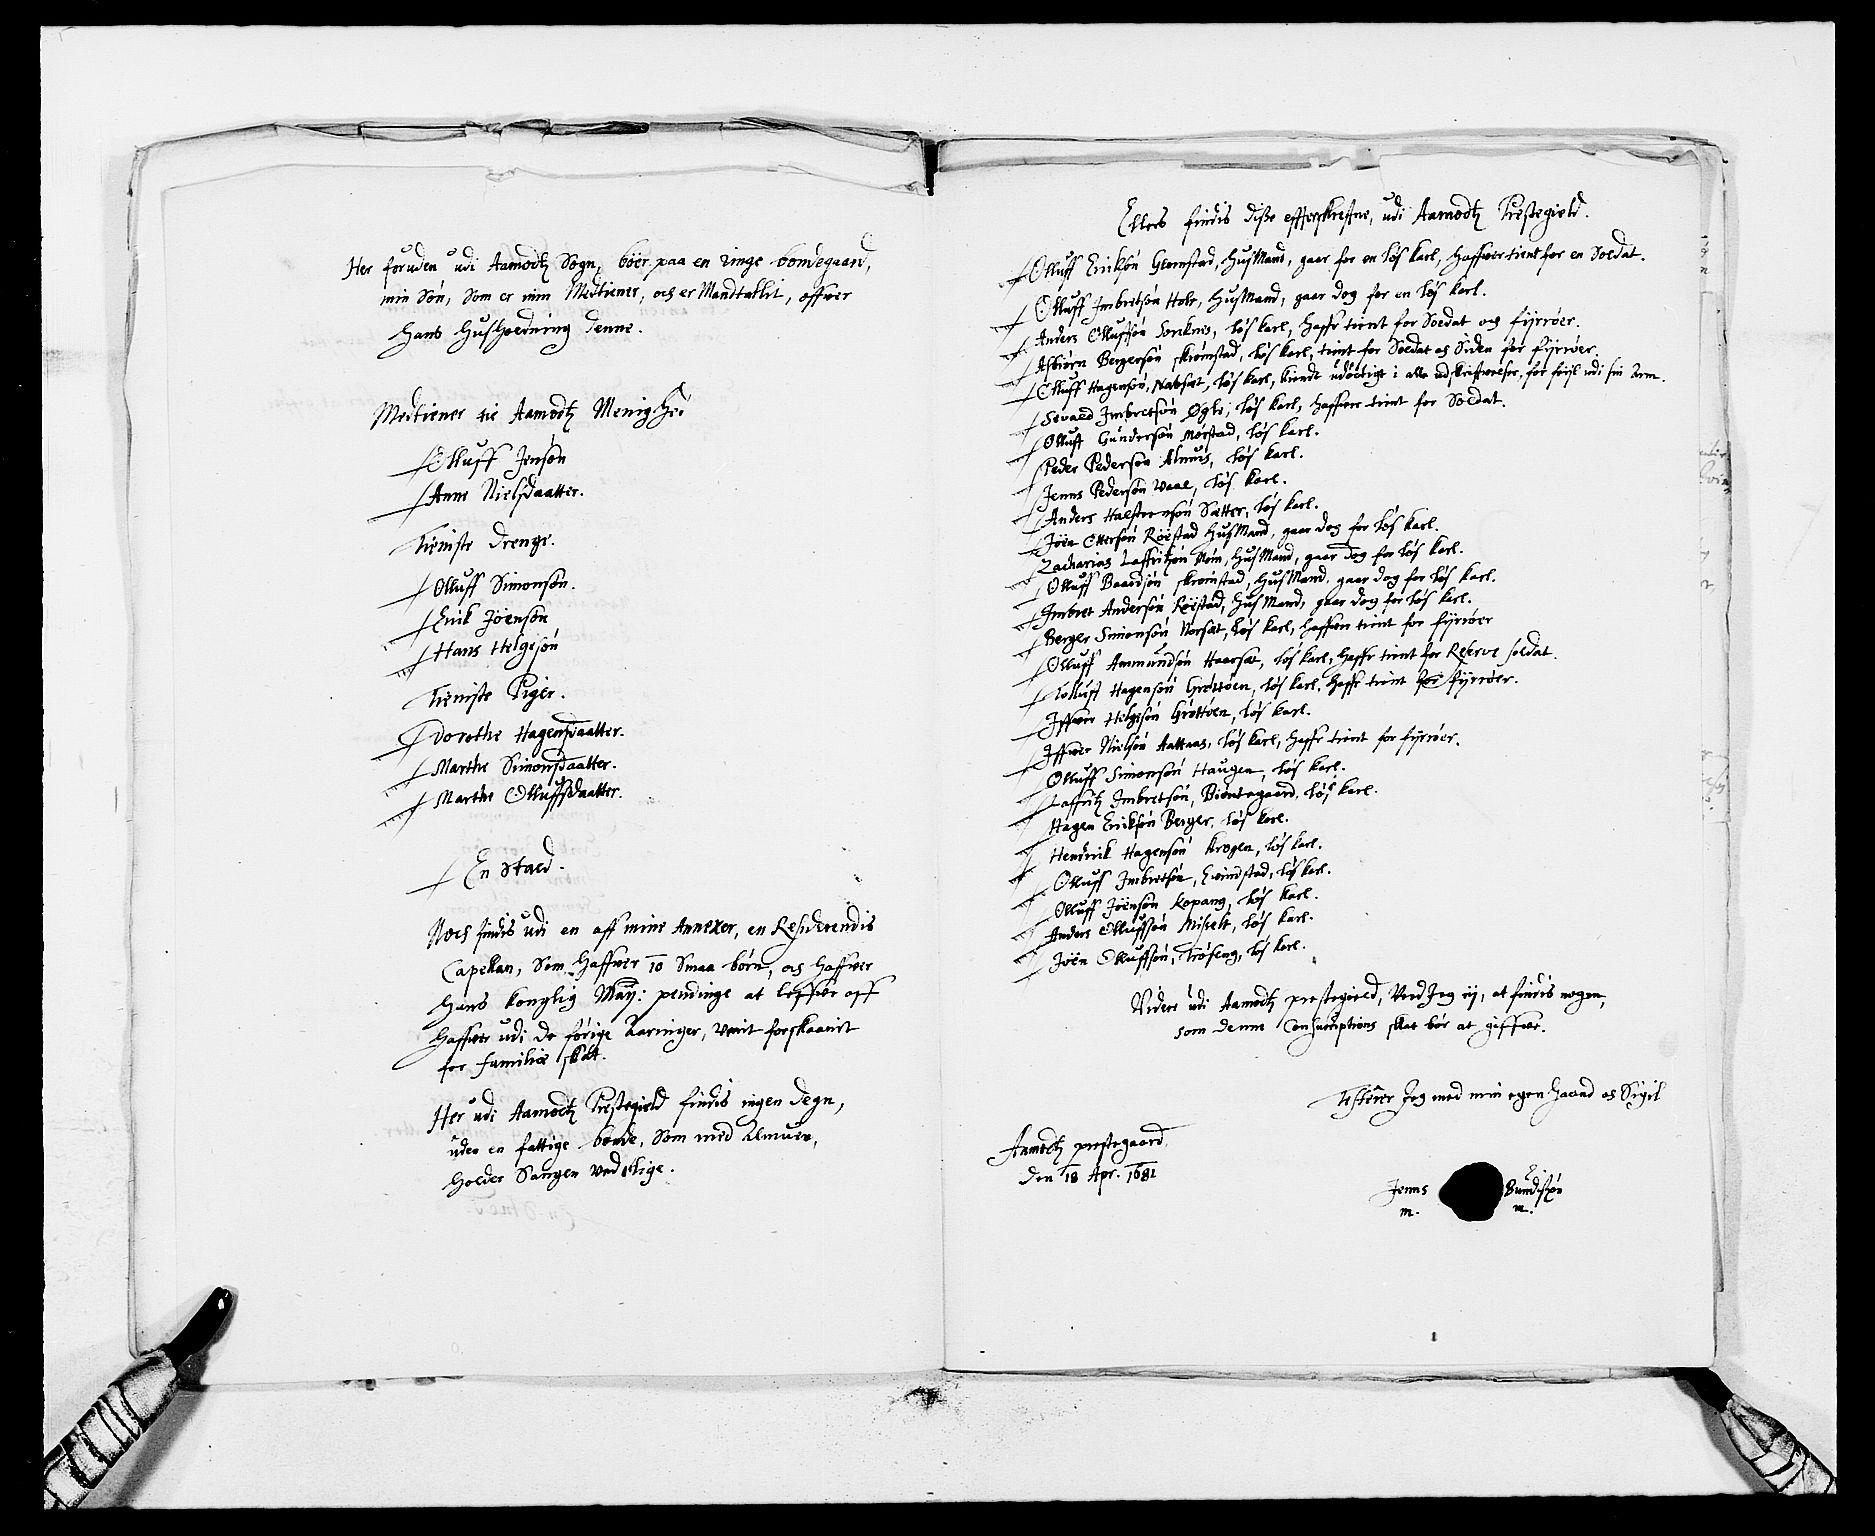 RA, Rentekammeret inntil 1814, Reviderte regnskaper, Fogderegnskap, R13/L0818: Fogderegnskap Solør, Odal og Østerdal, 1681, s. 241